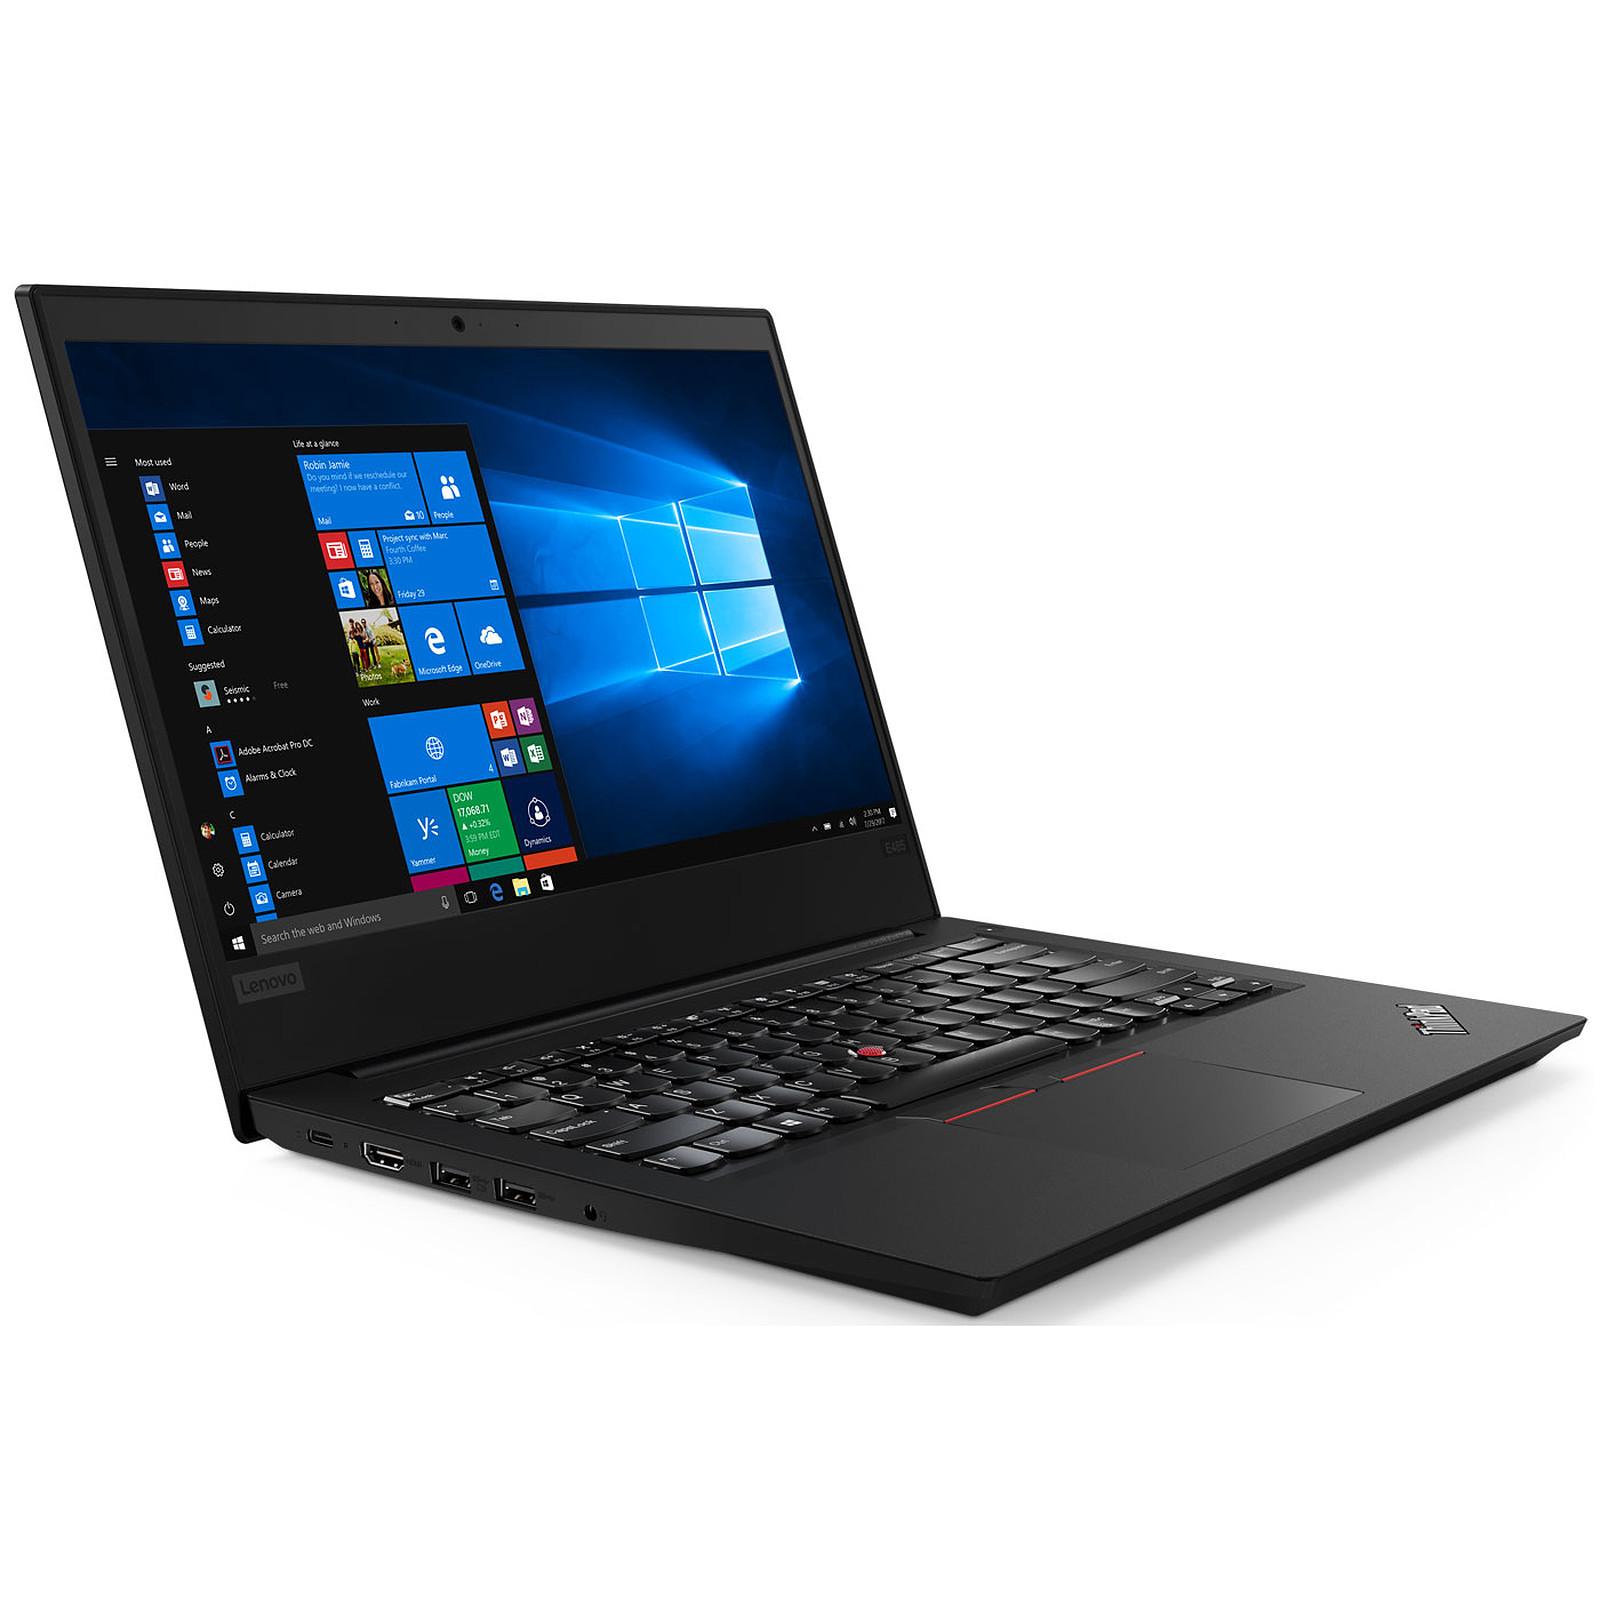 Lenovo ThinkPad E485 (20KU000TFR)